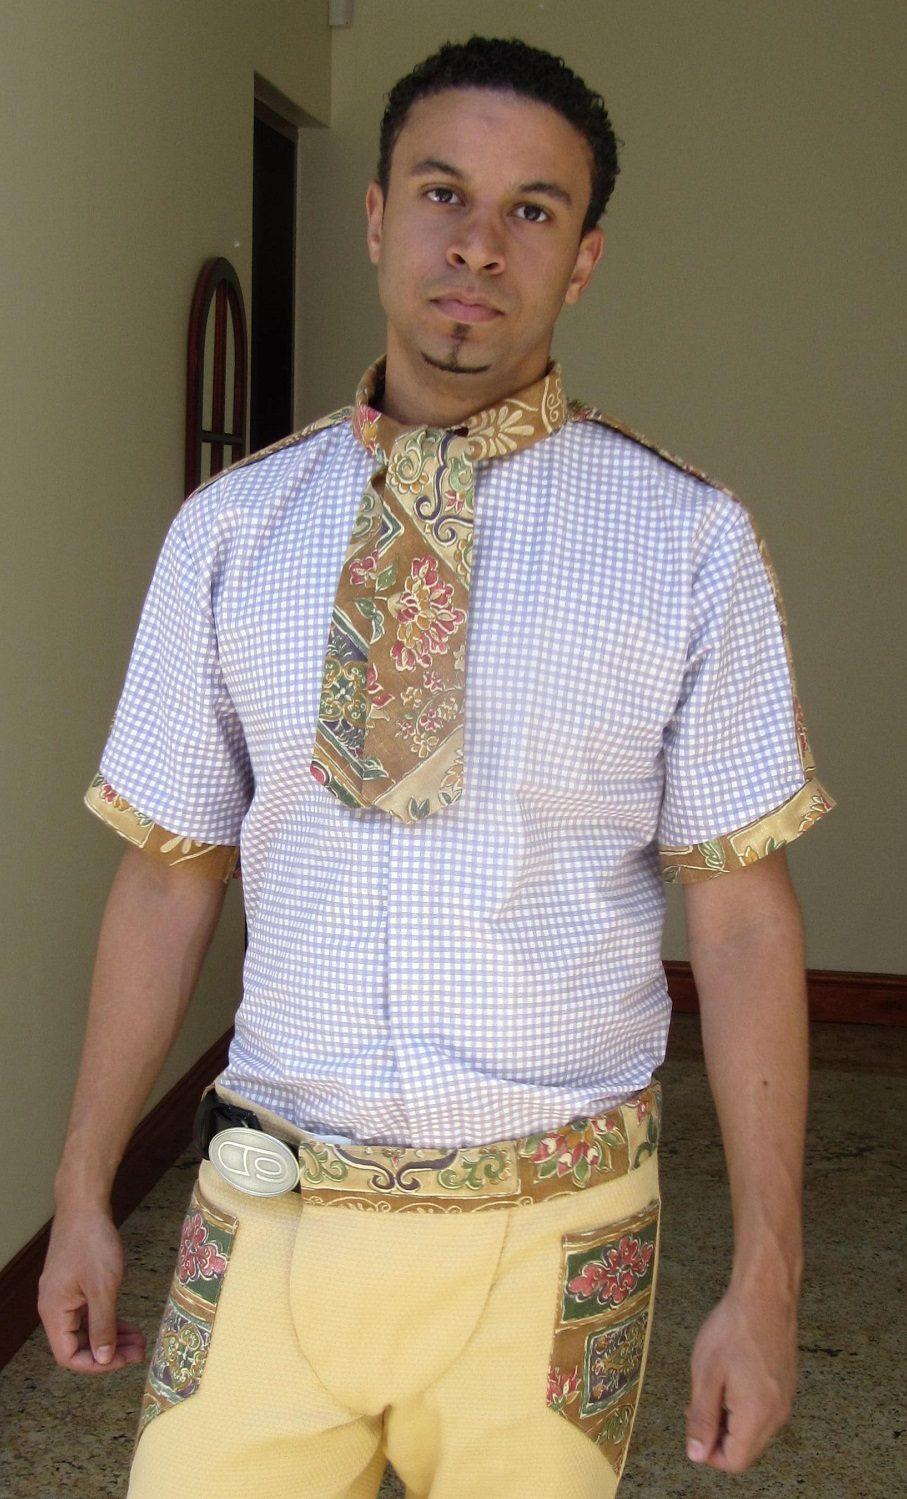 A Man Dressed